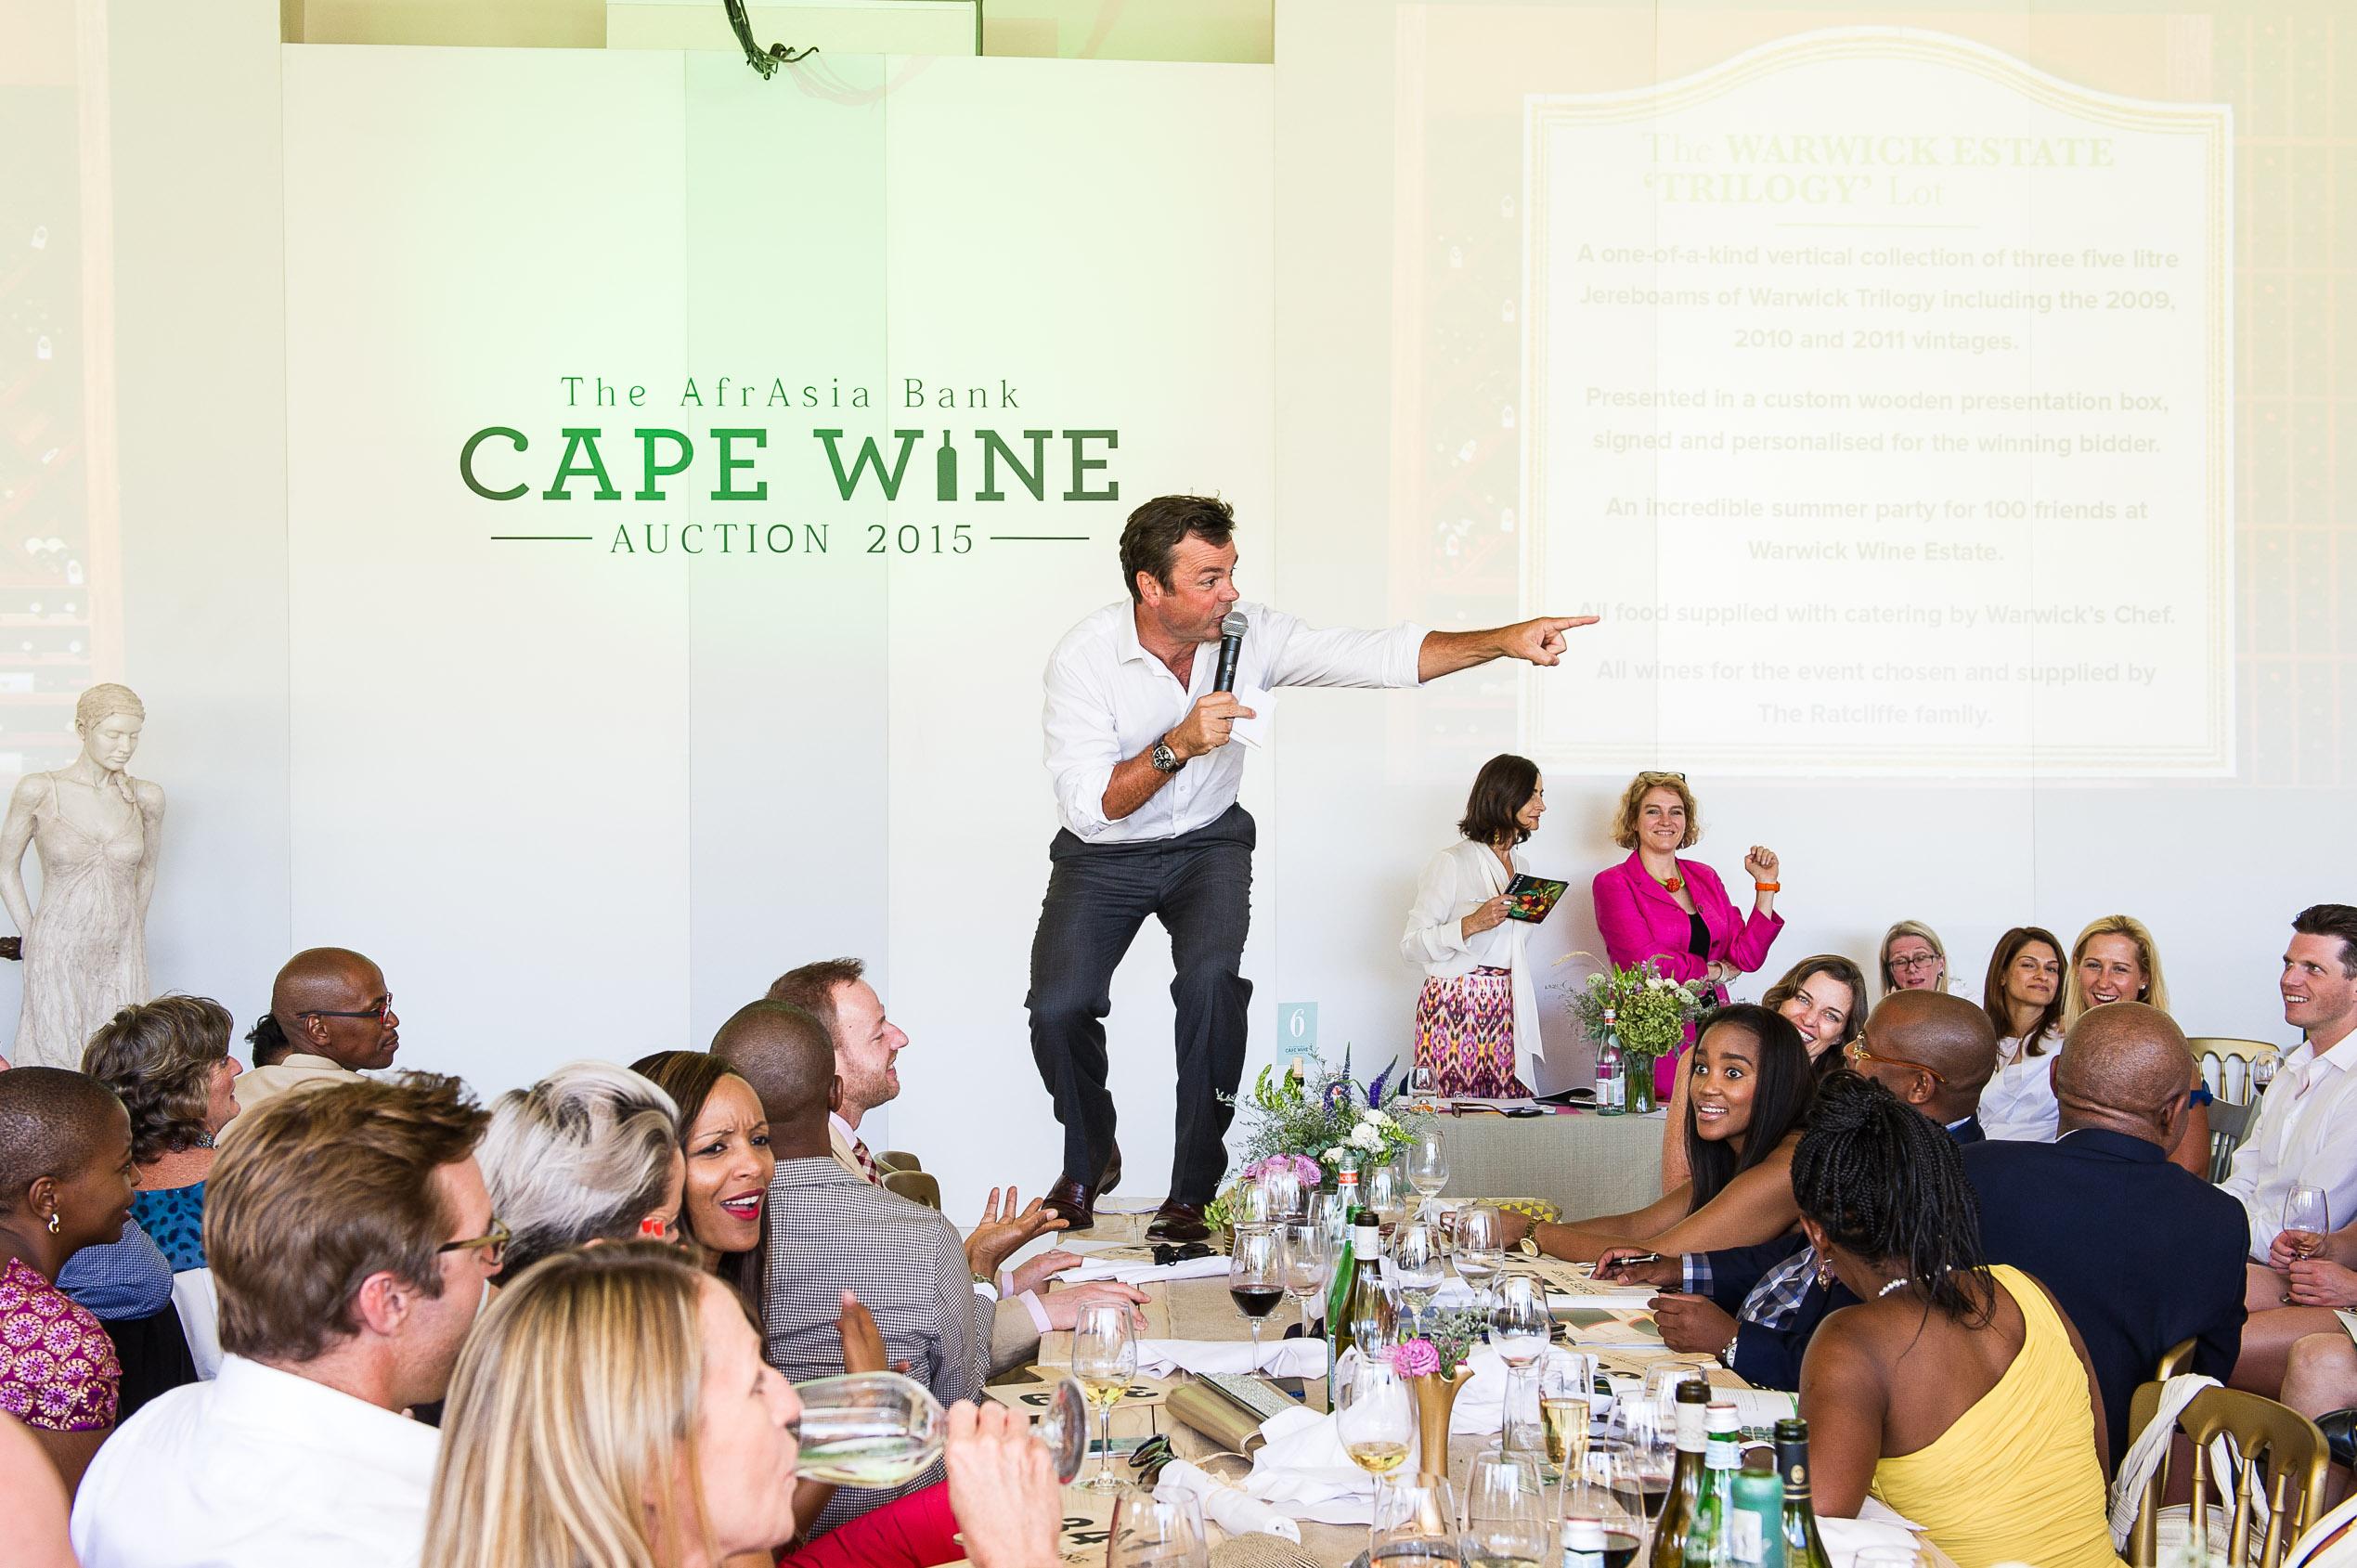 Cape Wine Auction